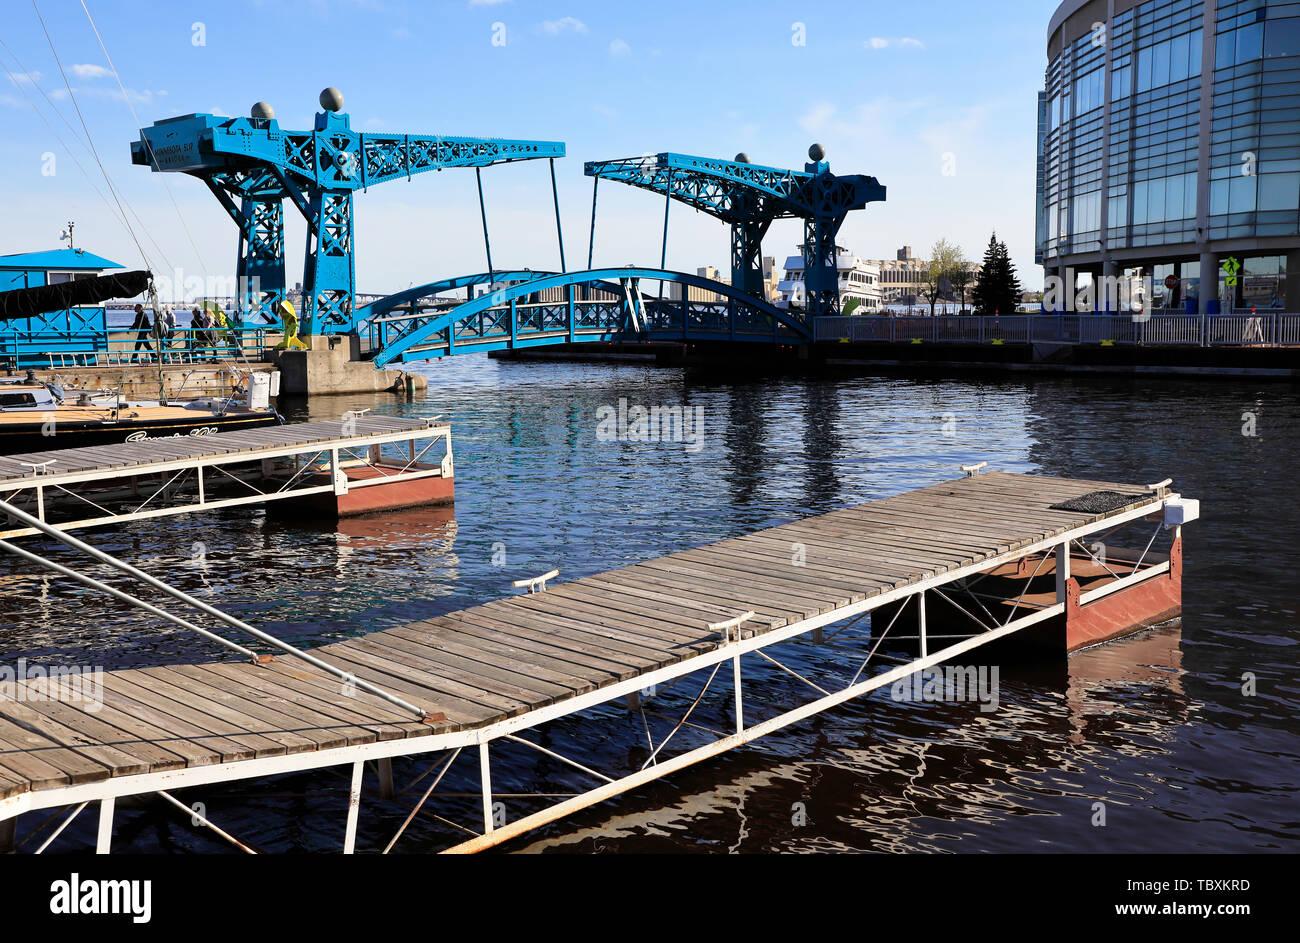 Fußgänger auf Minnesota Slip Brücke aka blaue Brücke.. USA Minnesota Duluth. Stockbild